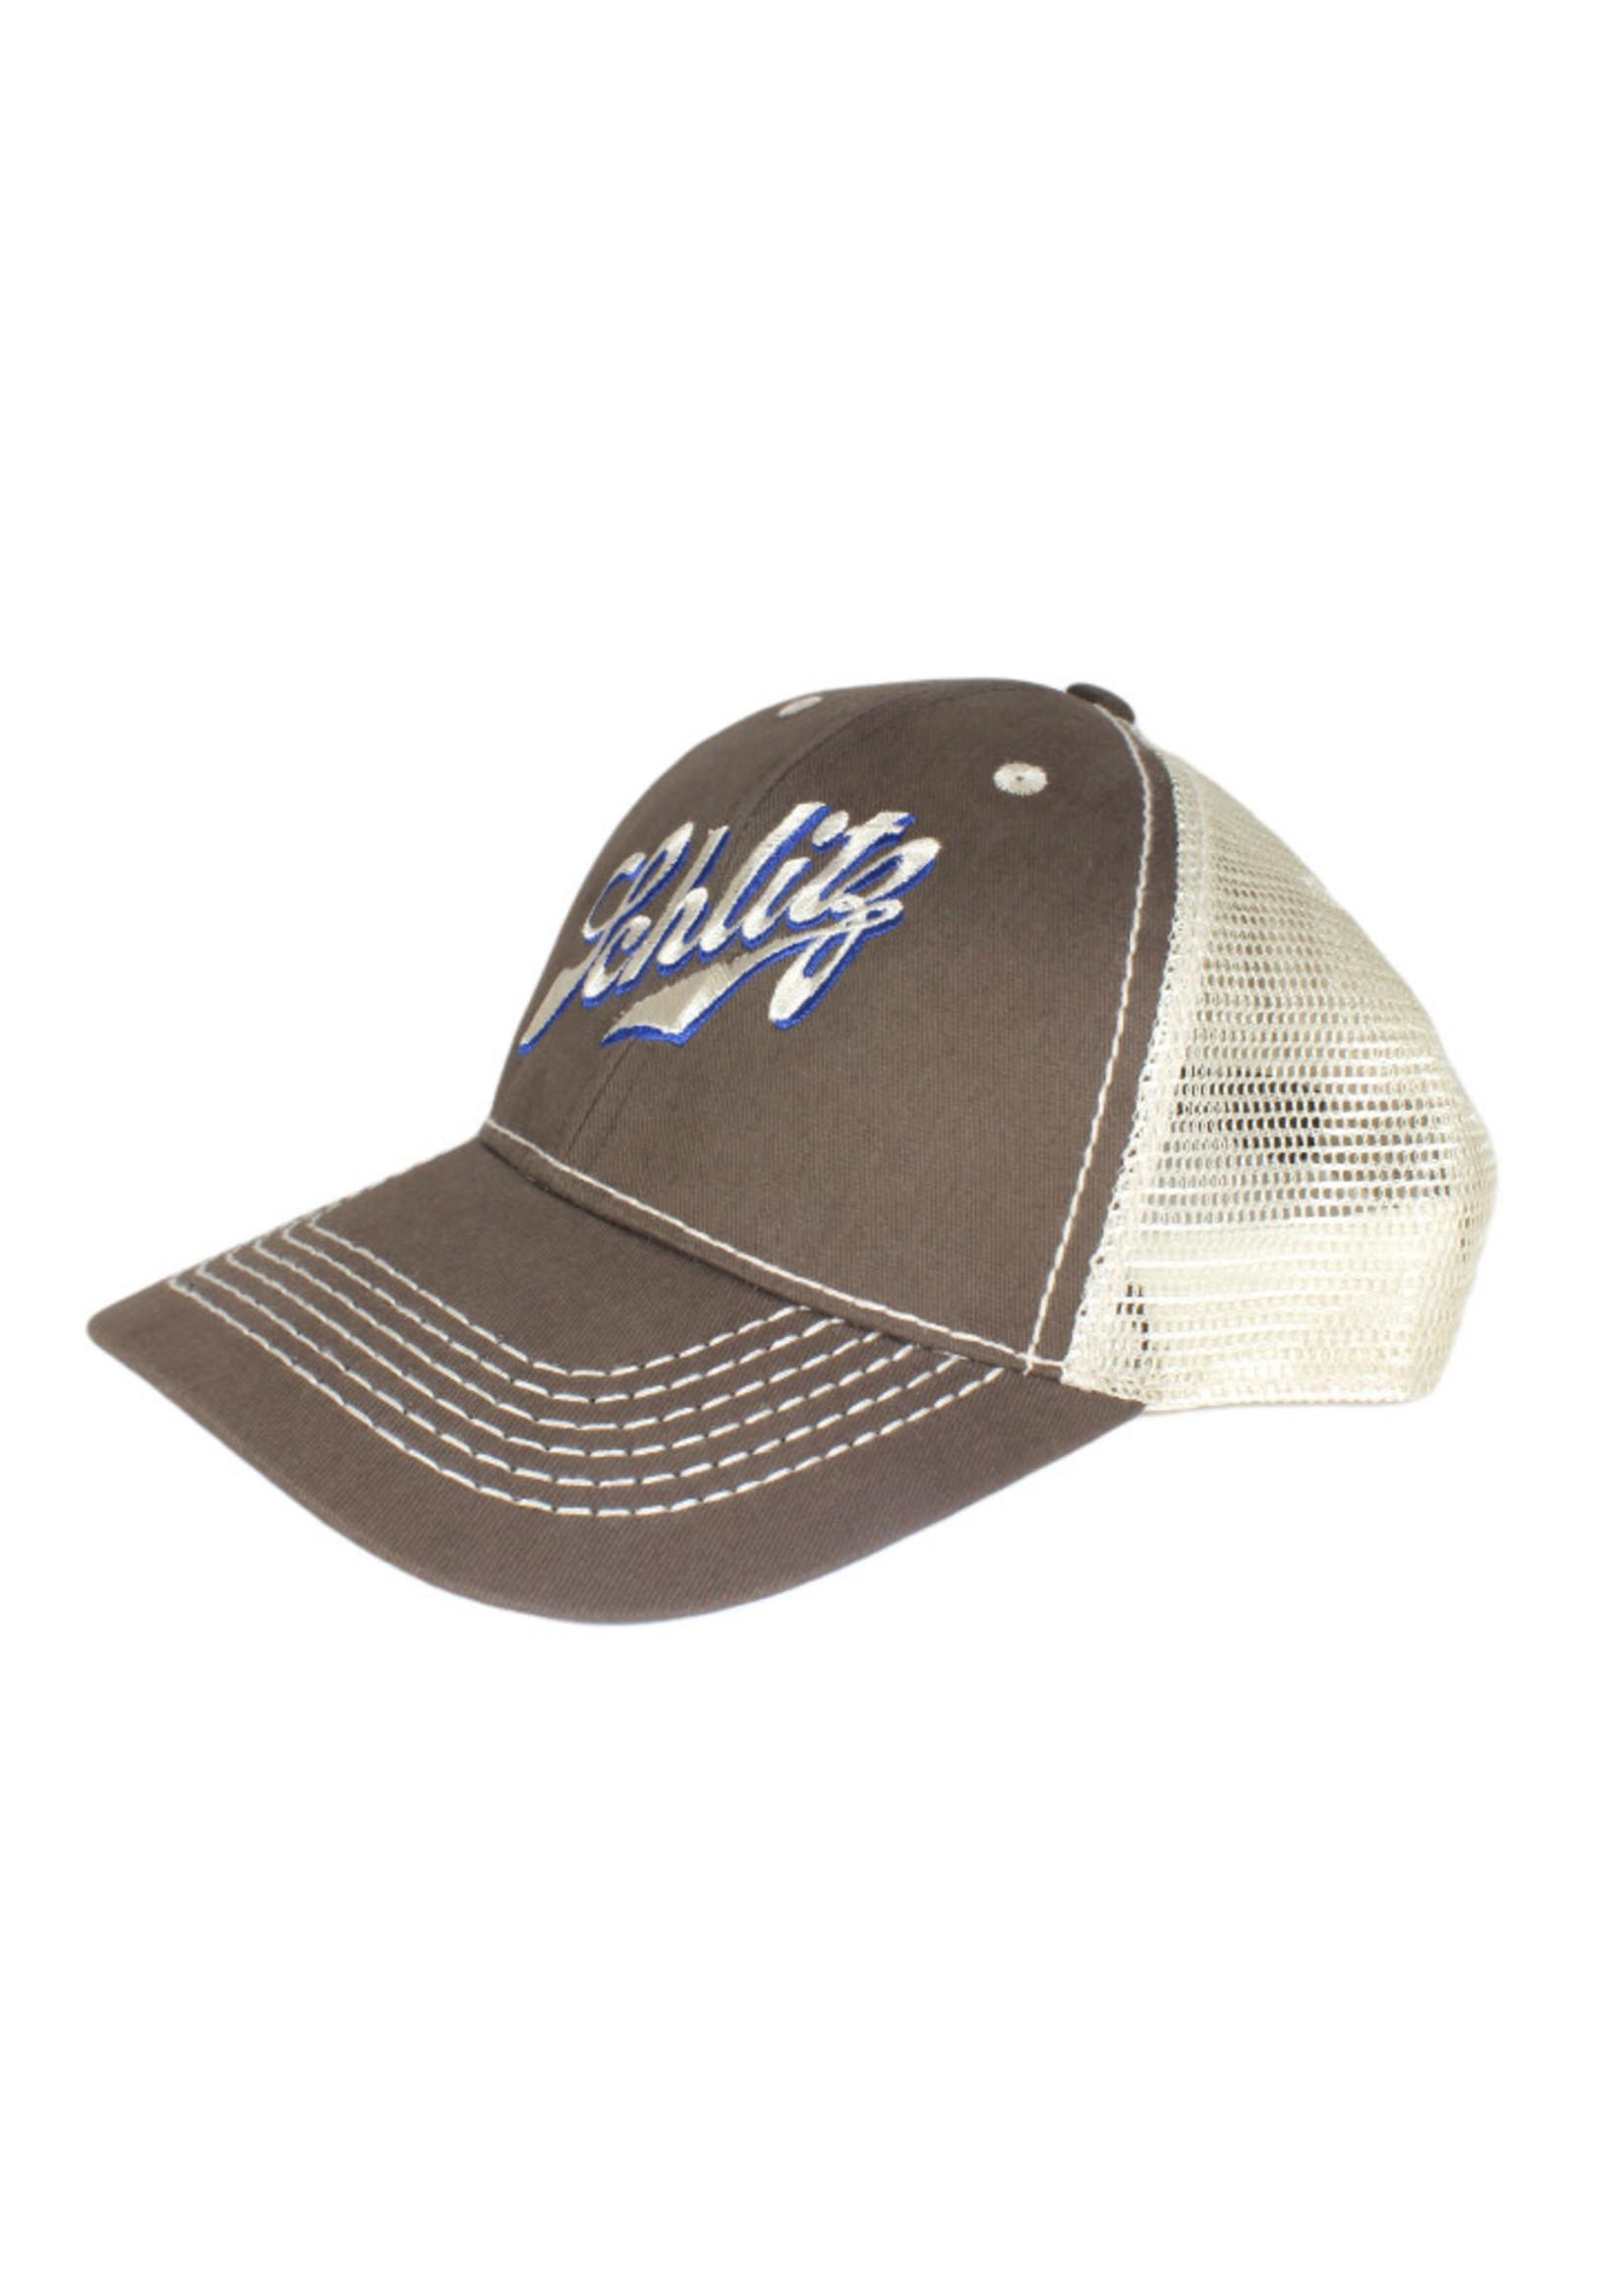 Schlitz Schlitz Brown Mesh Trucker Hat